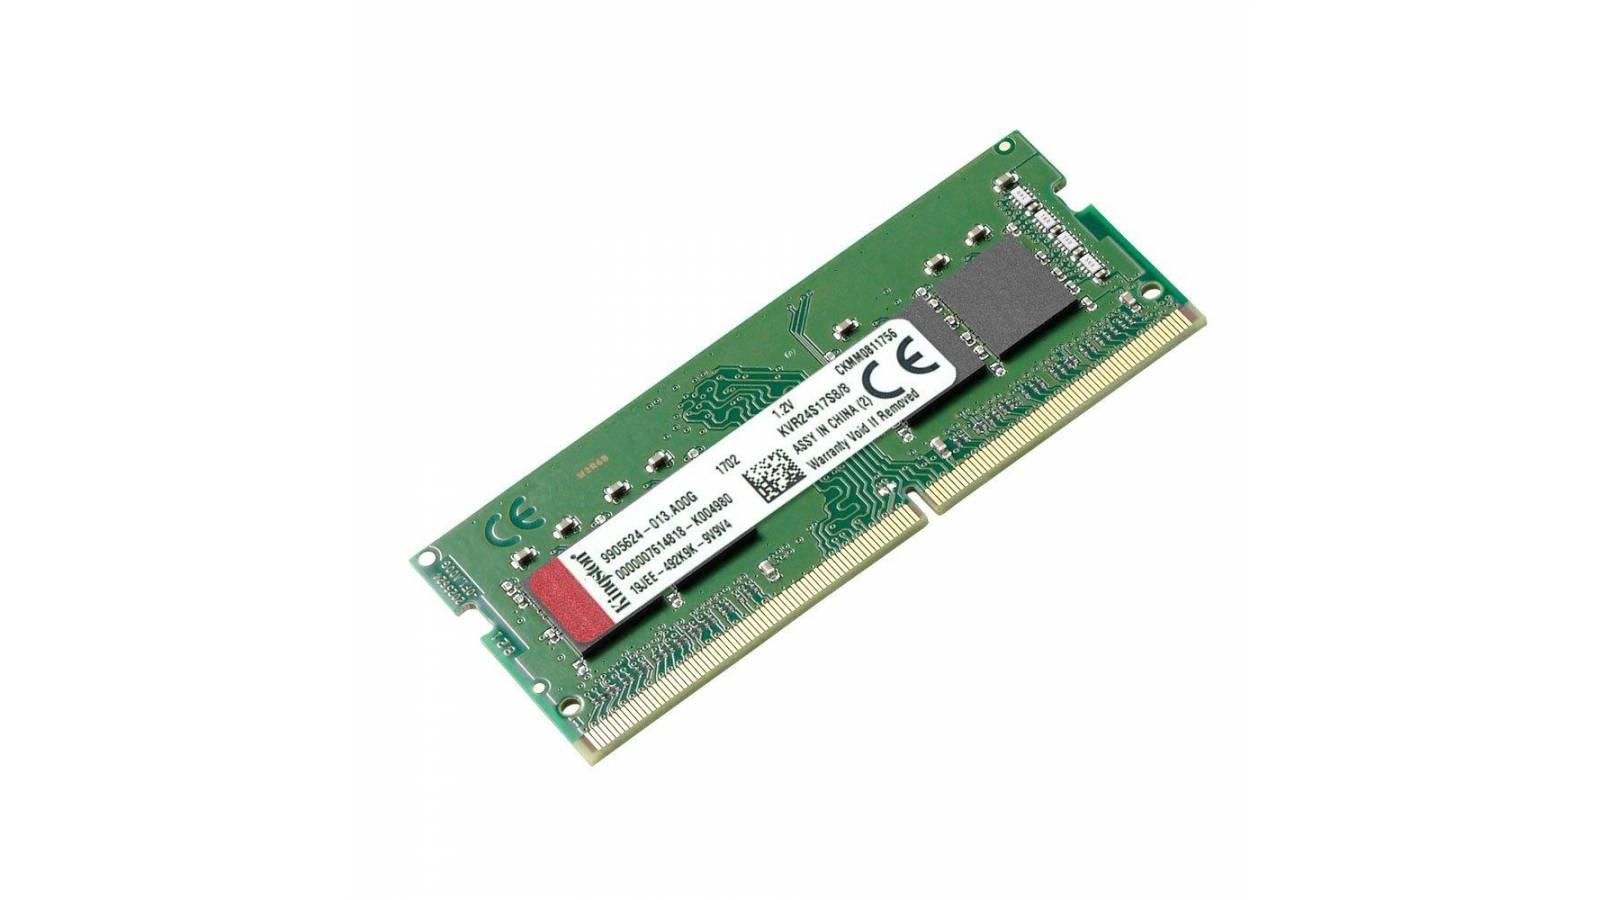 MEMORIA SODIMM 8GB DDR4 KINGSTON KVR24S17S8/8  -2400MHZ